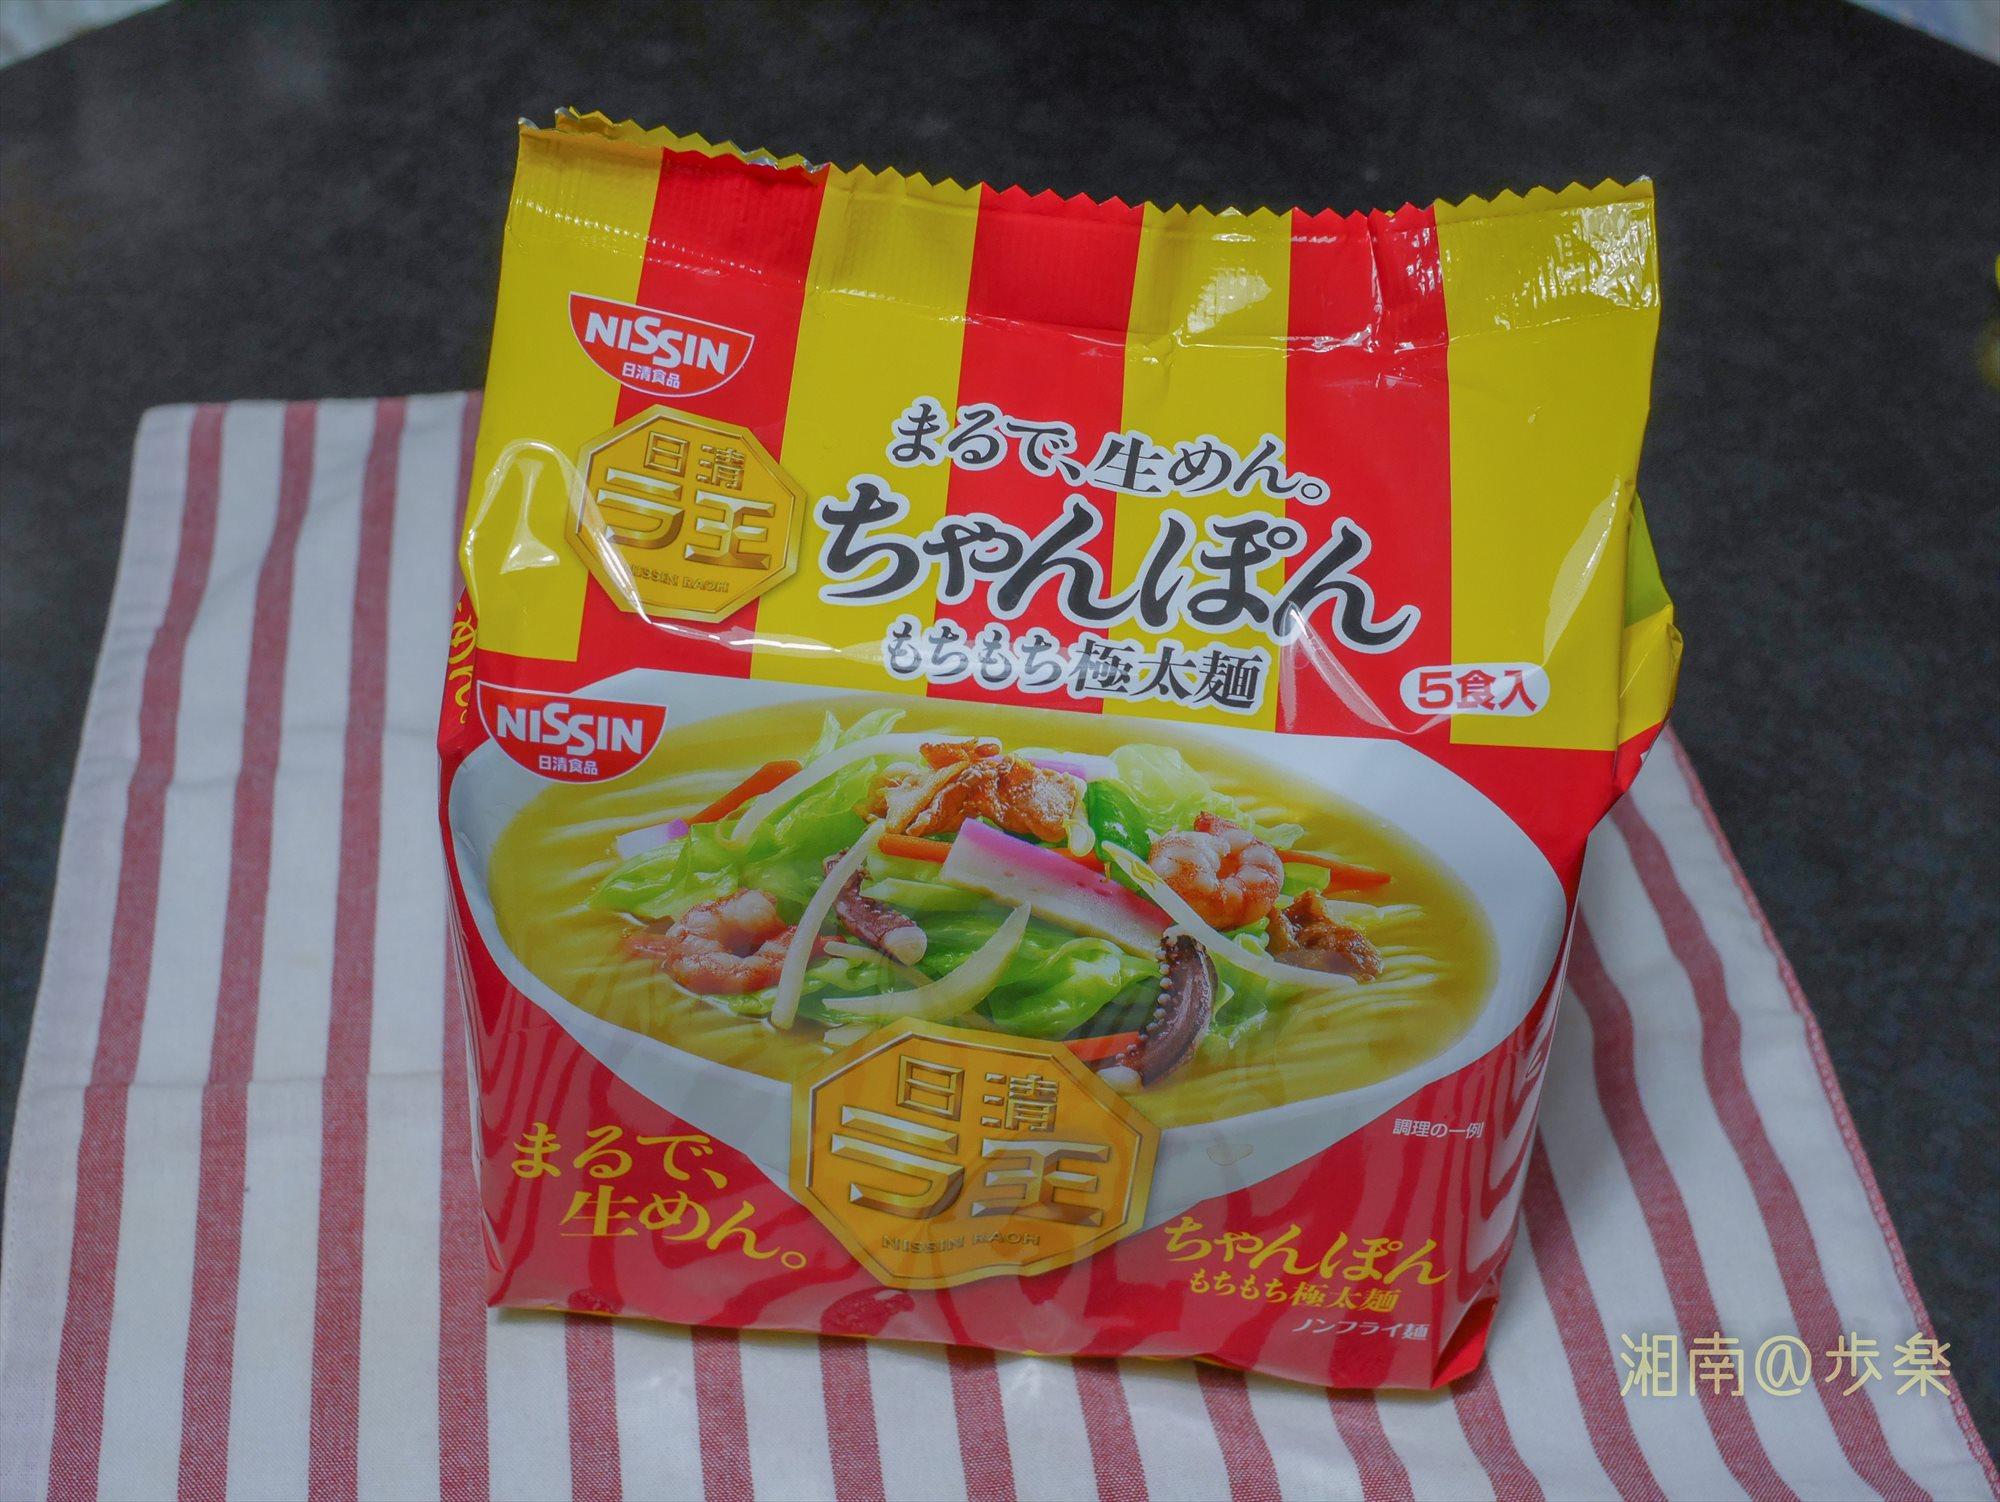 関東でもラ王 袋麺の販売が開始